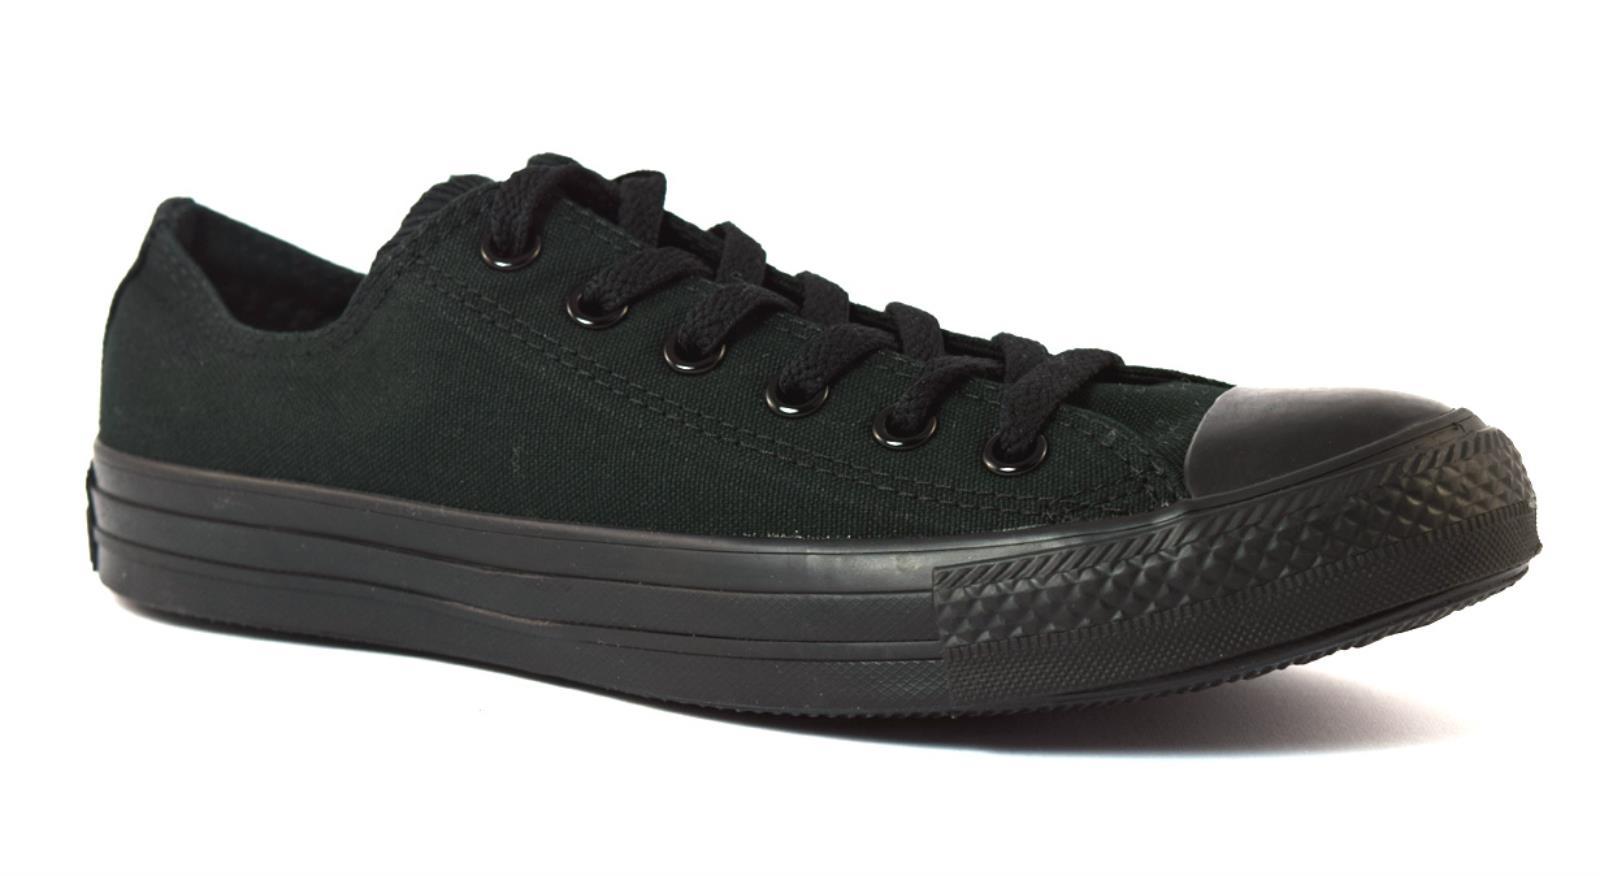 De Star Converse Toile Unisexe M5039 Noire All Monochrome Couleur En Chaussures UU5w81q